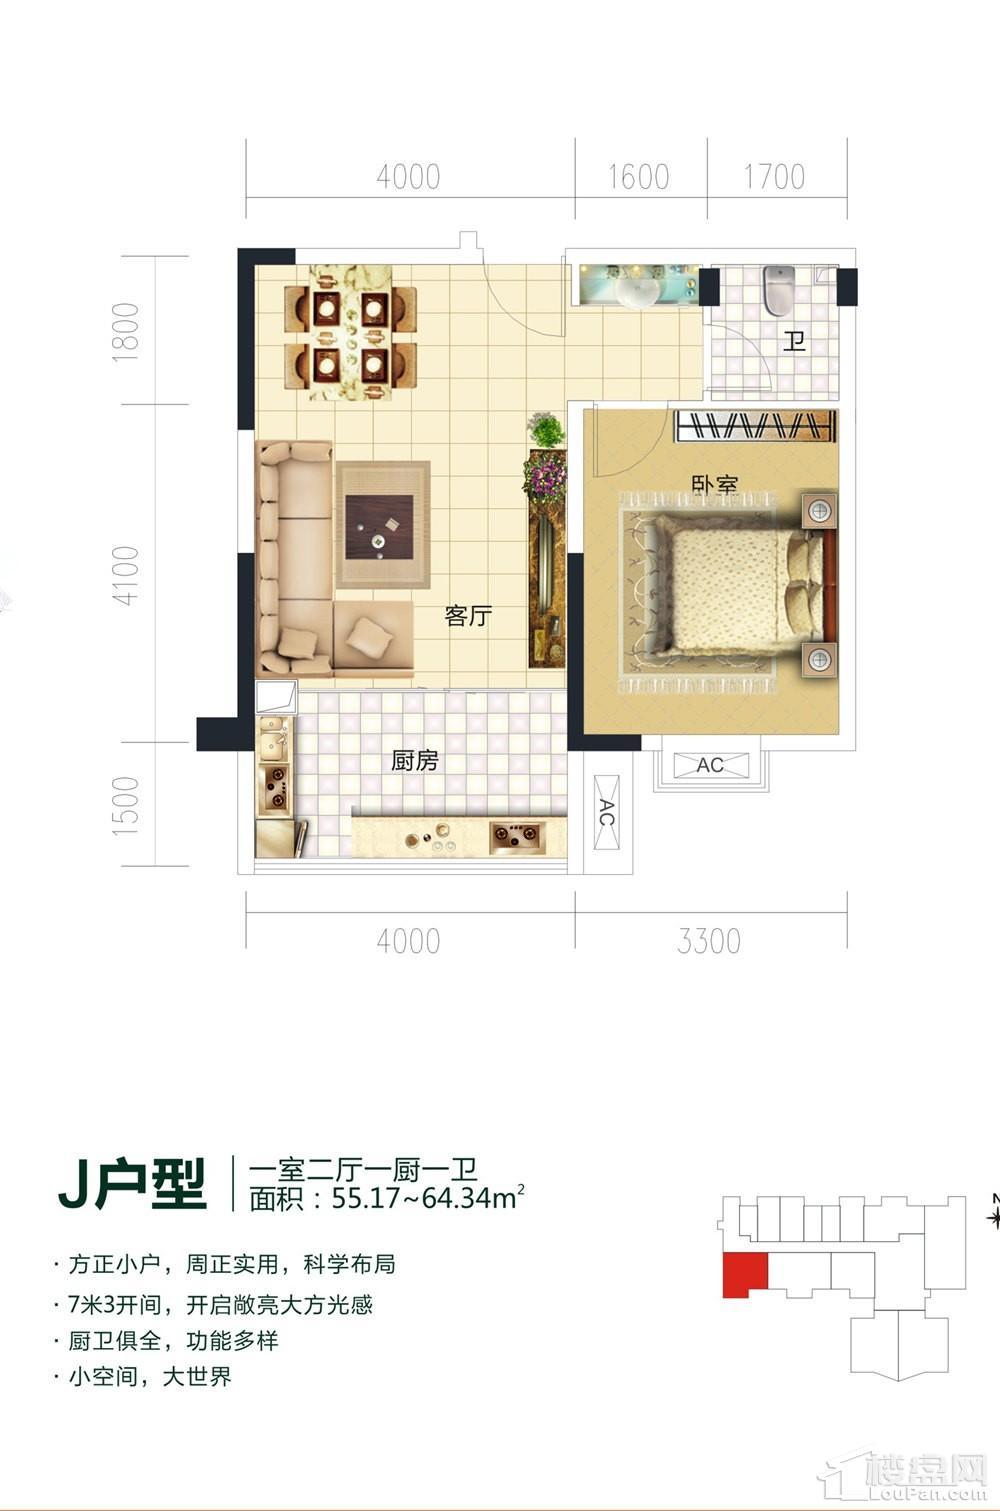 燕泉中心J户型